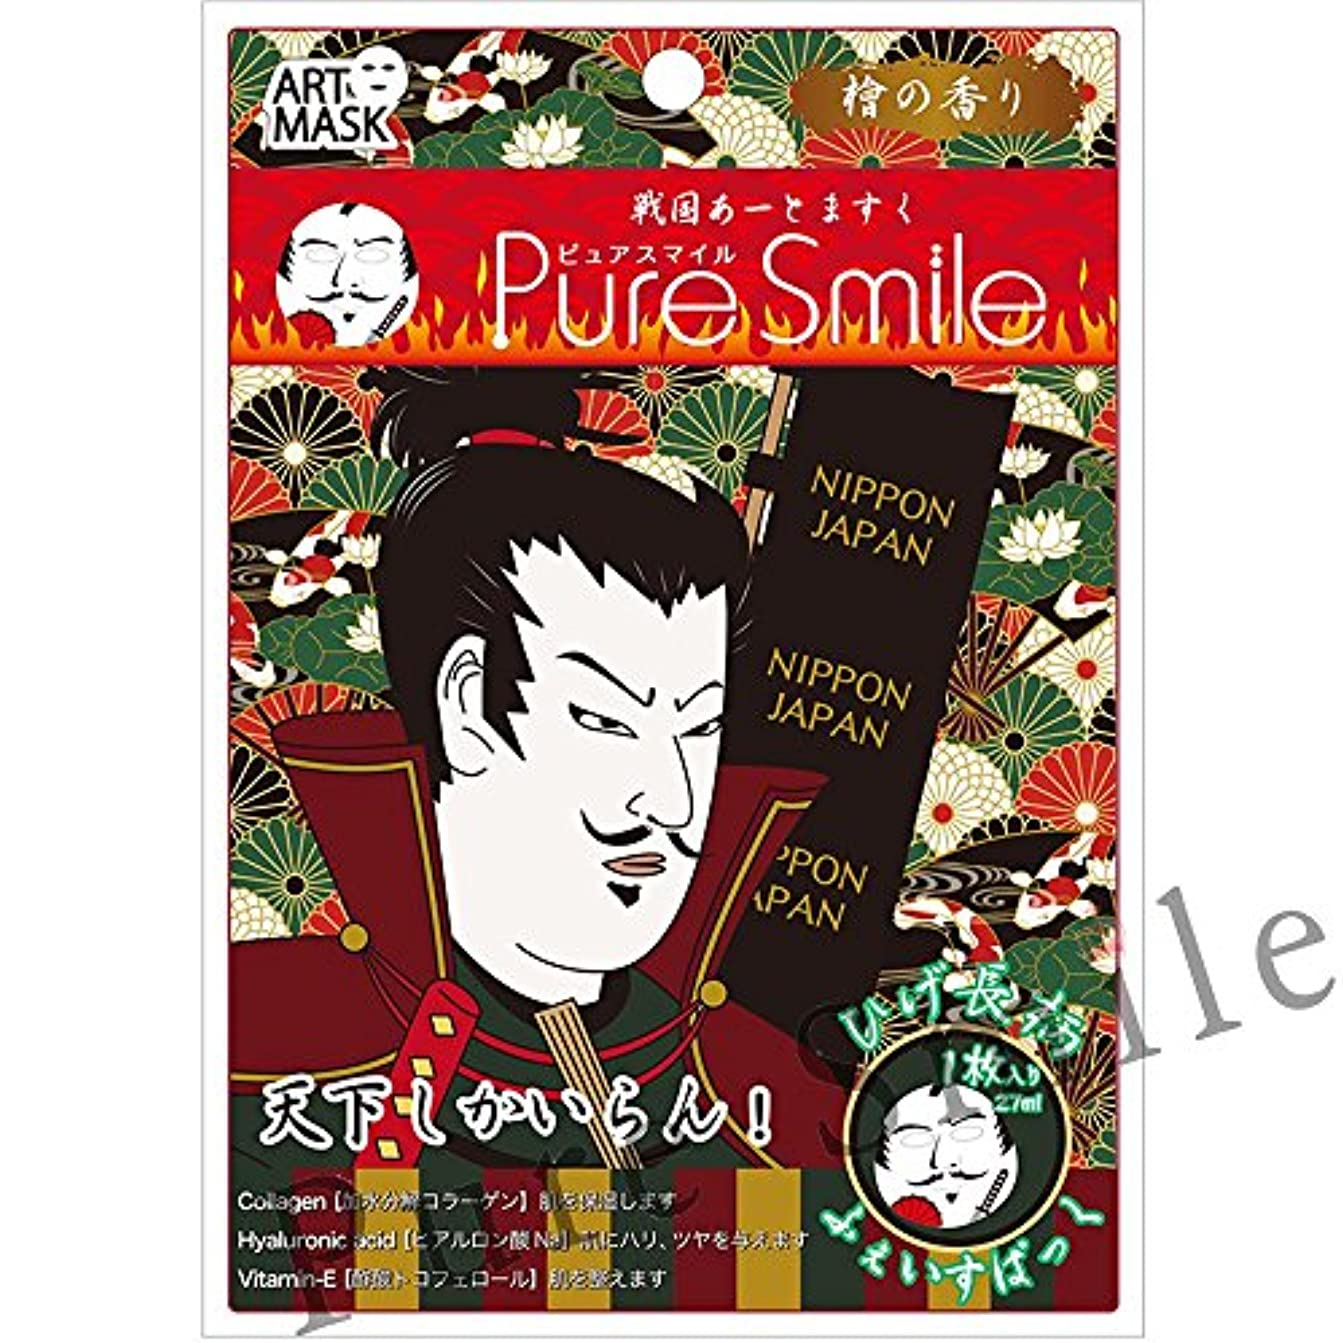 小屋蒸留幹Pure Smile(ピュアスマイル) フェイスマスク/アートマスク『戦国アートマスク』(ひげ長/檜の香り)